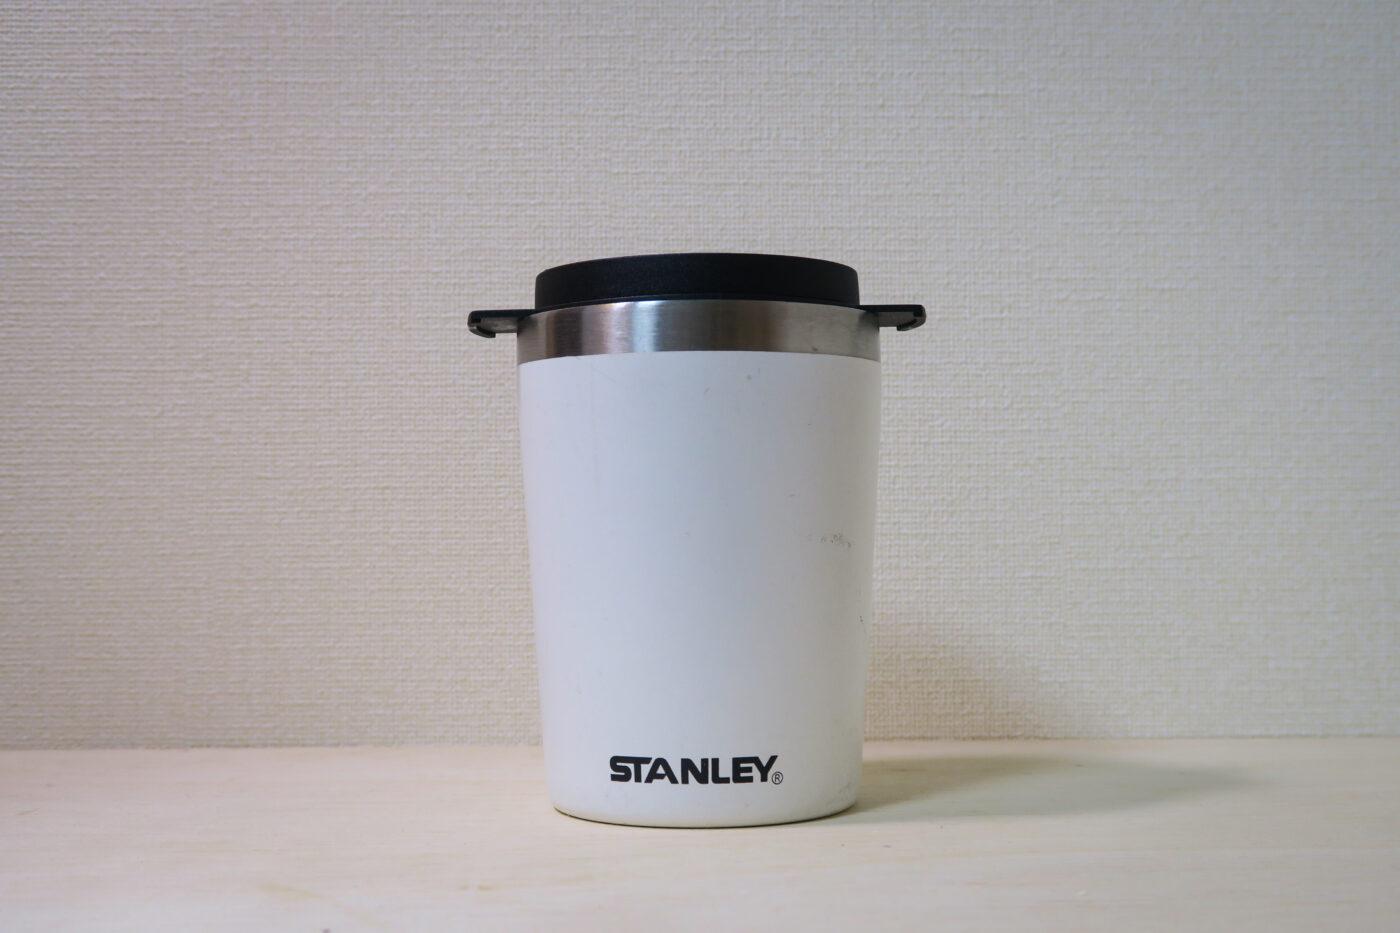 MSRマグメイトコーヒードリッパーはマグカップの中にピッタリ収まるので、収納のじゃまにならずおすすめ